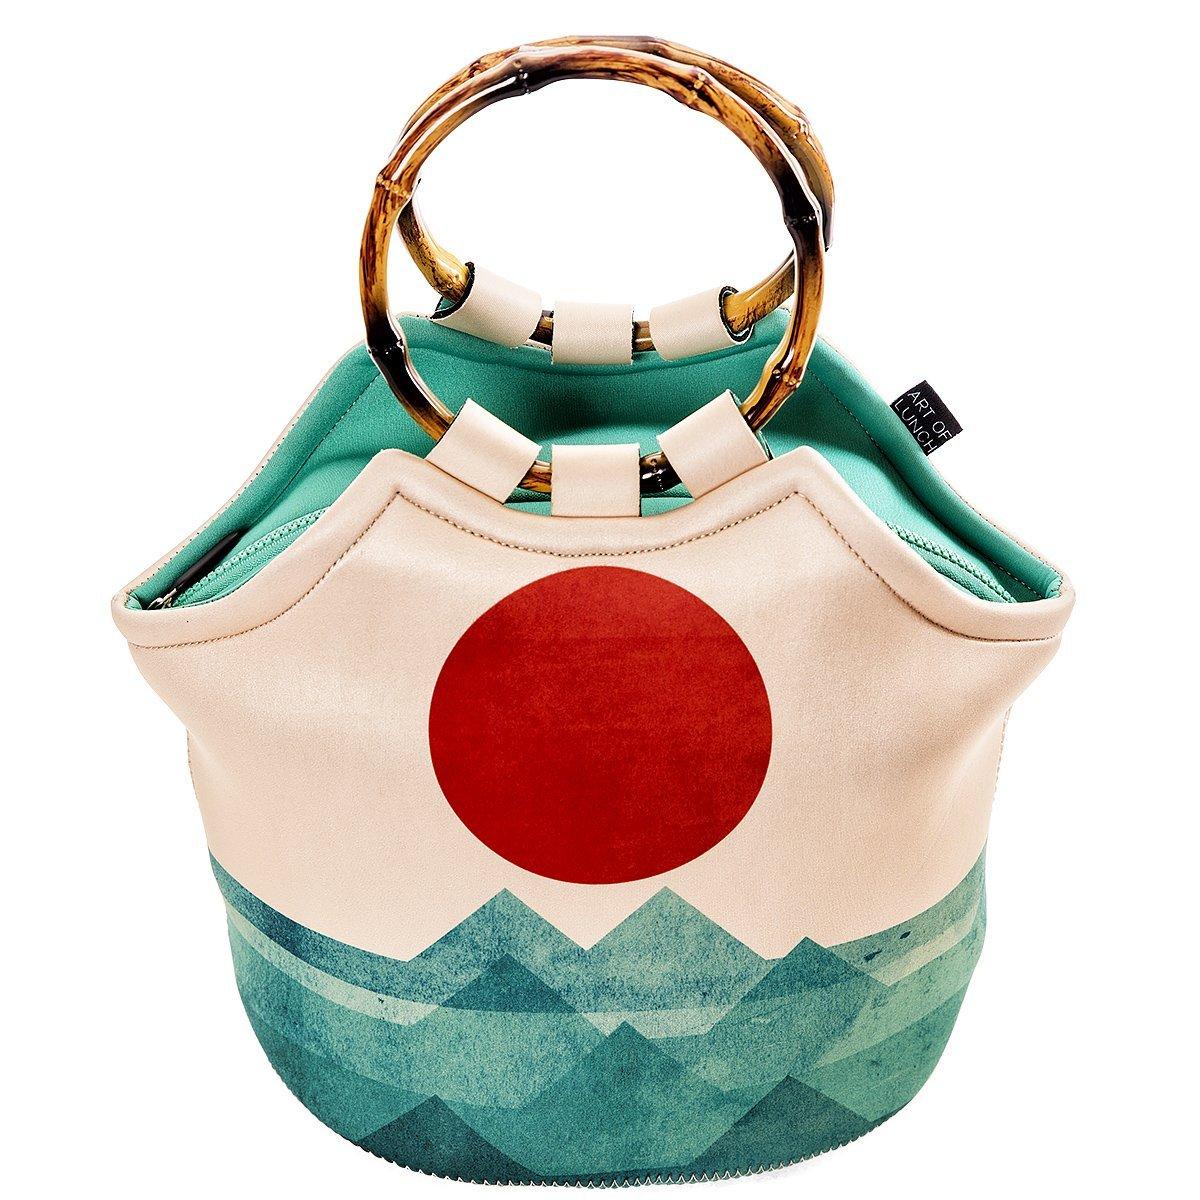 art-of-lunch-neoprene-lunch-bag.jpg